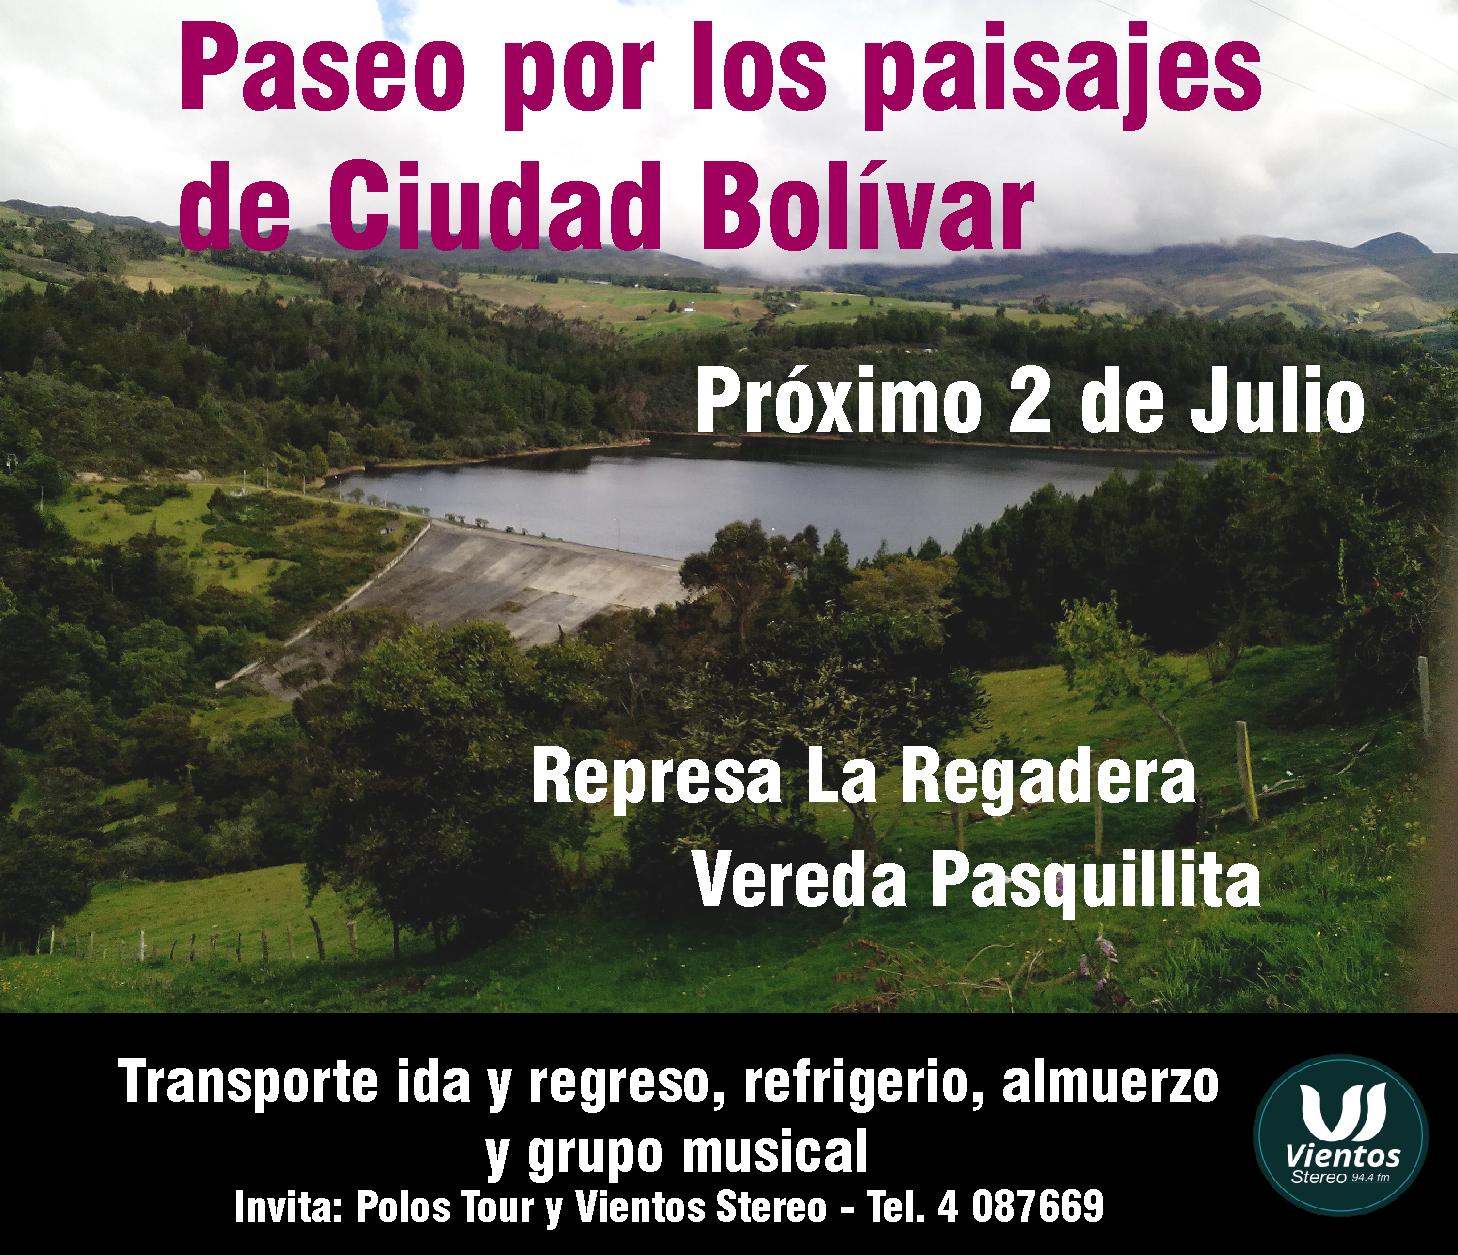 Paseo a Ciudad Bolívar